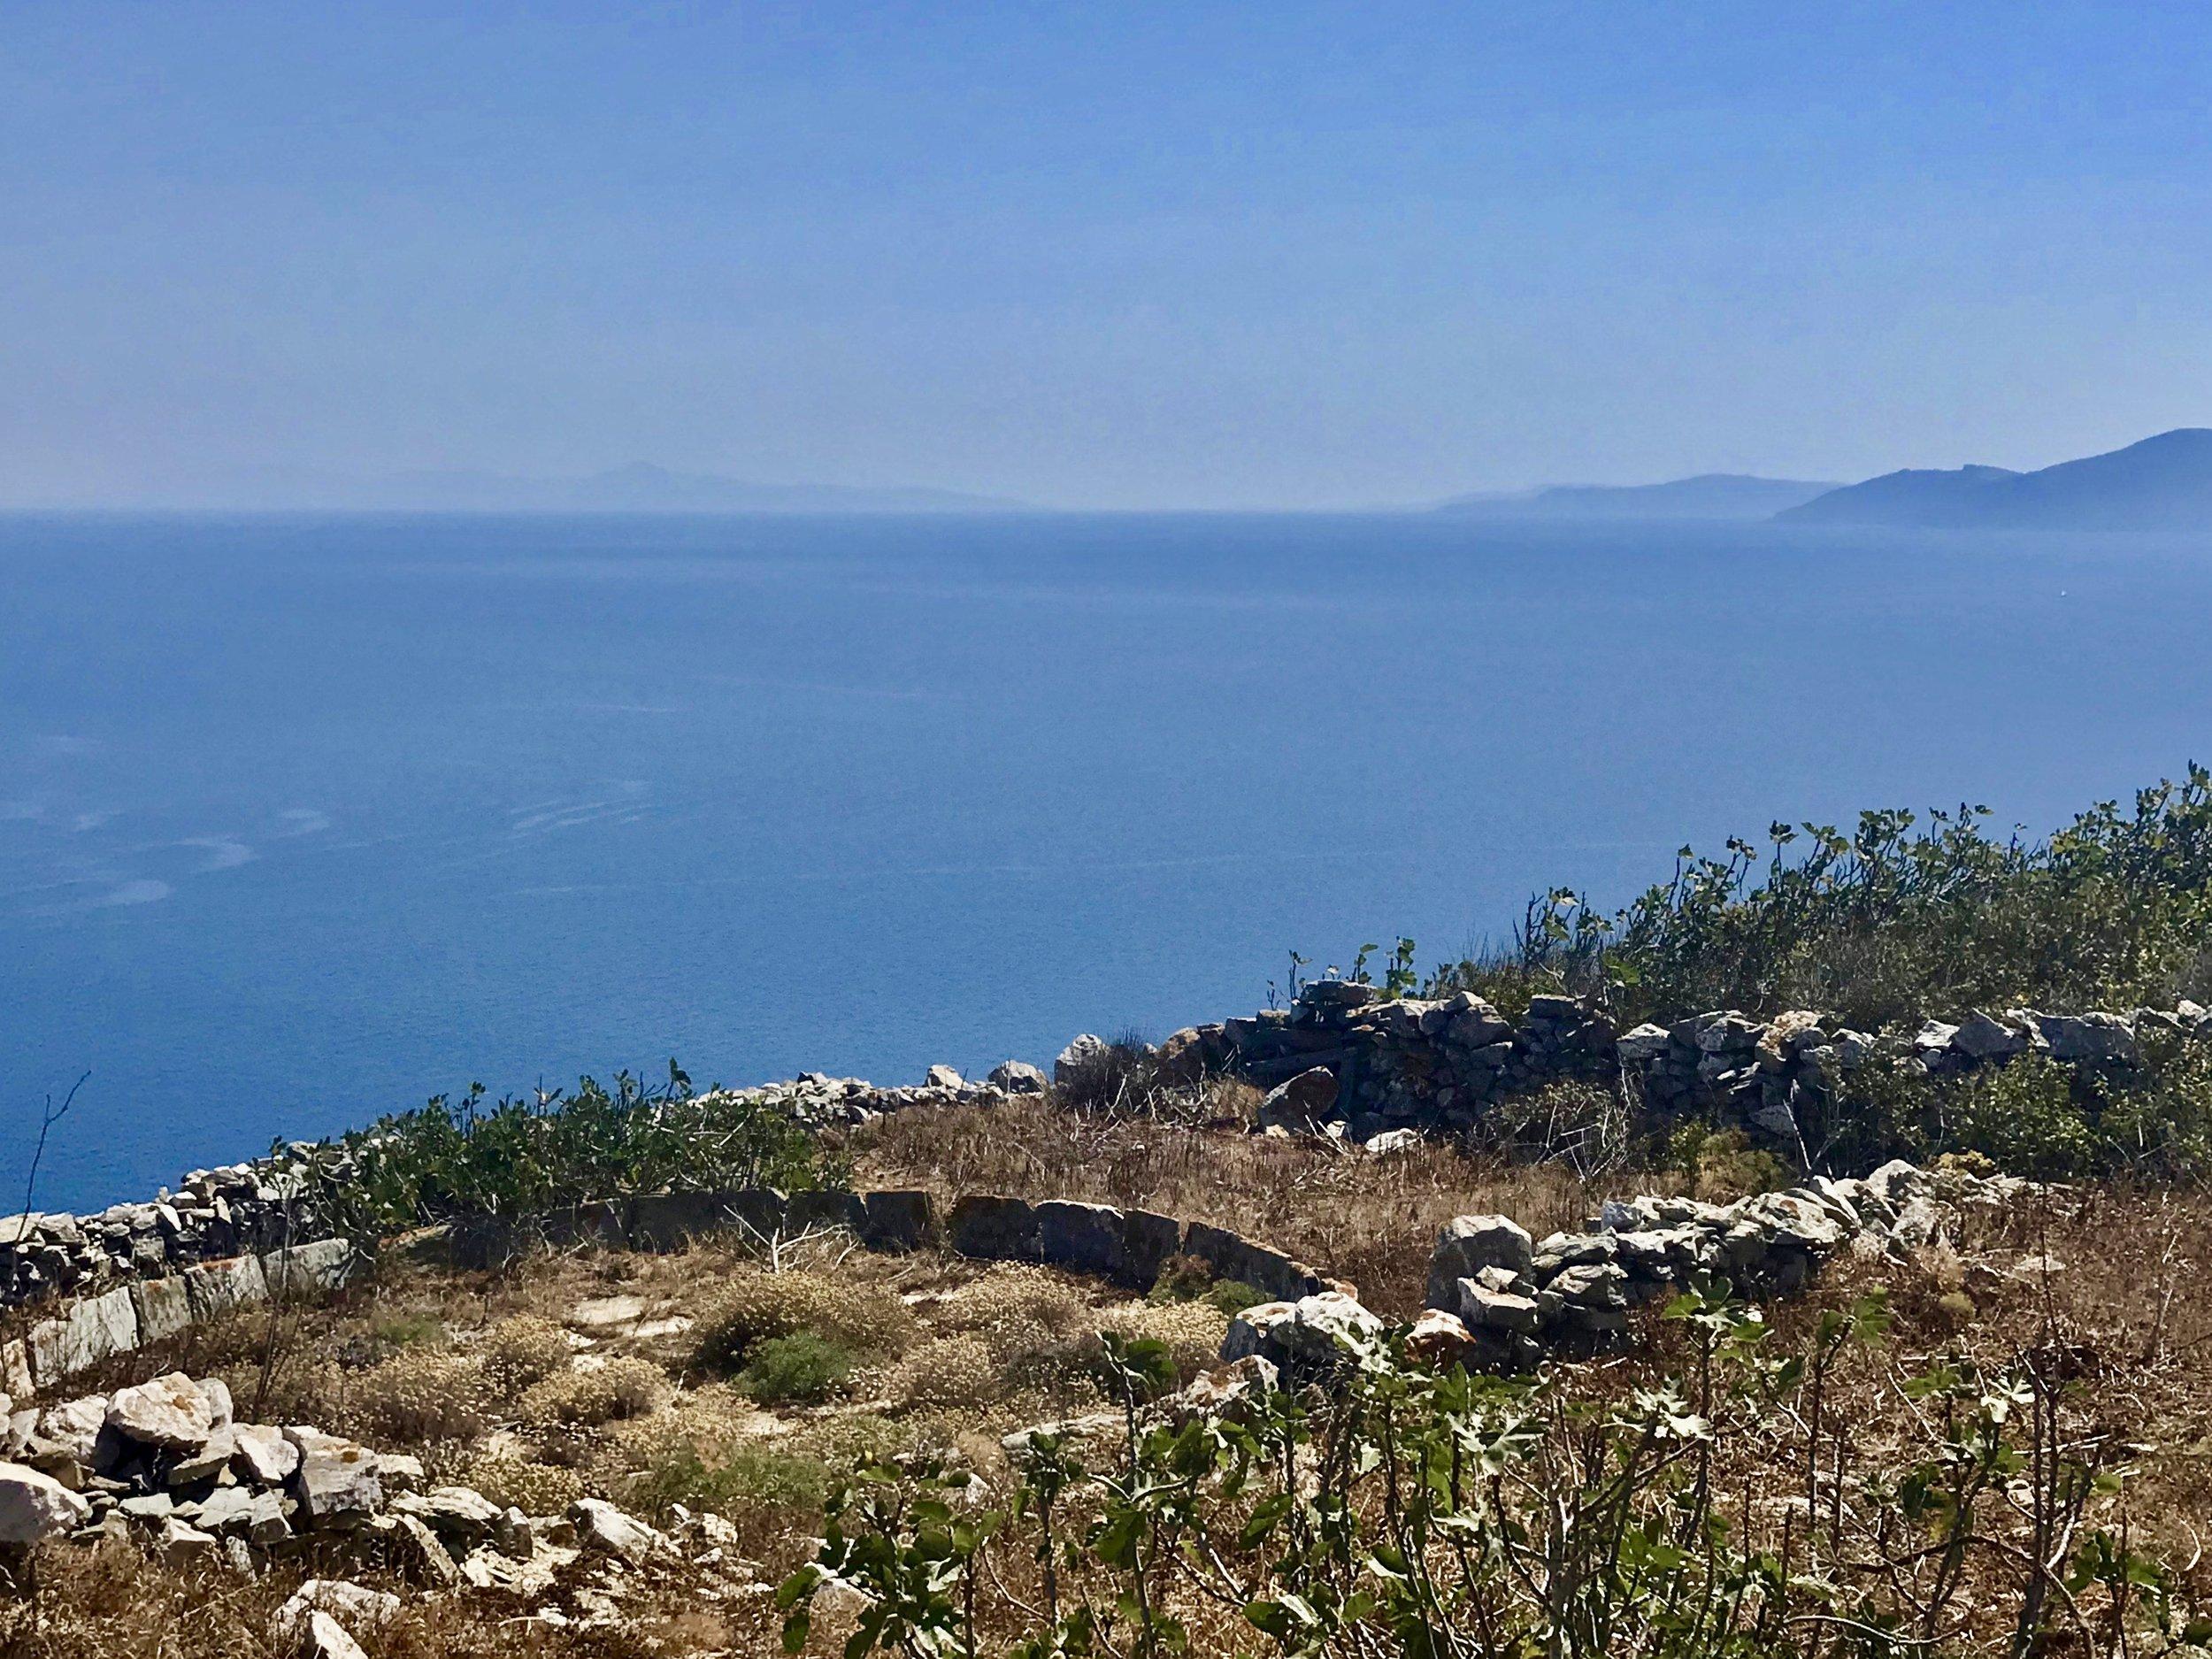 Threshing circle, Folegandros